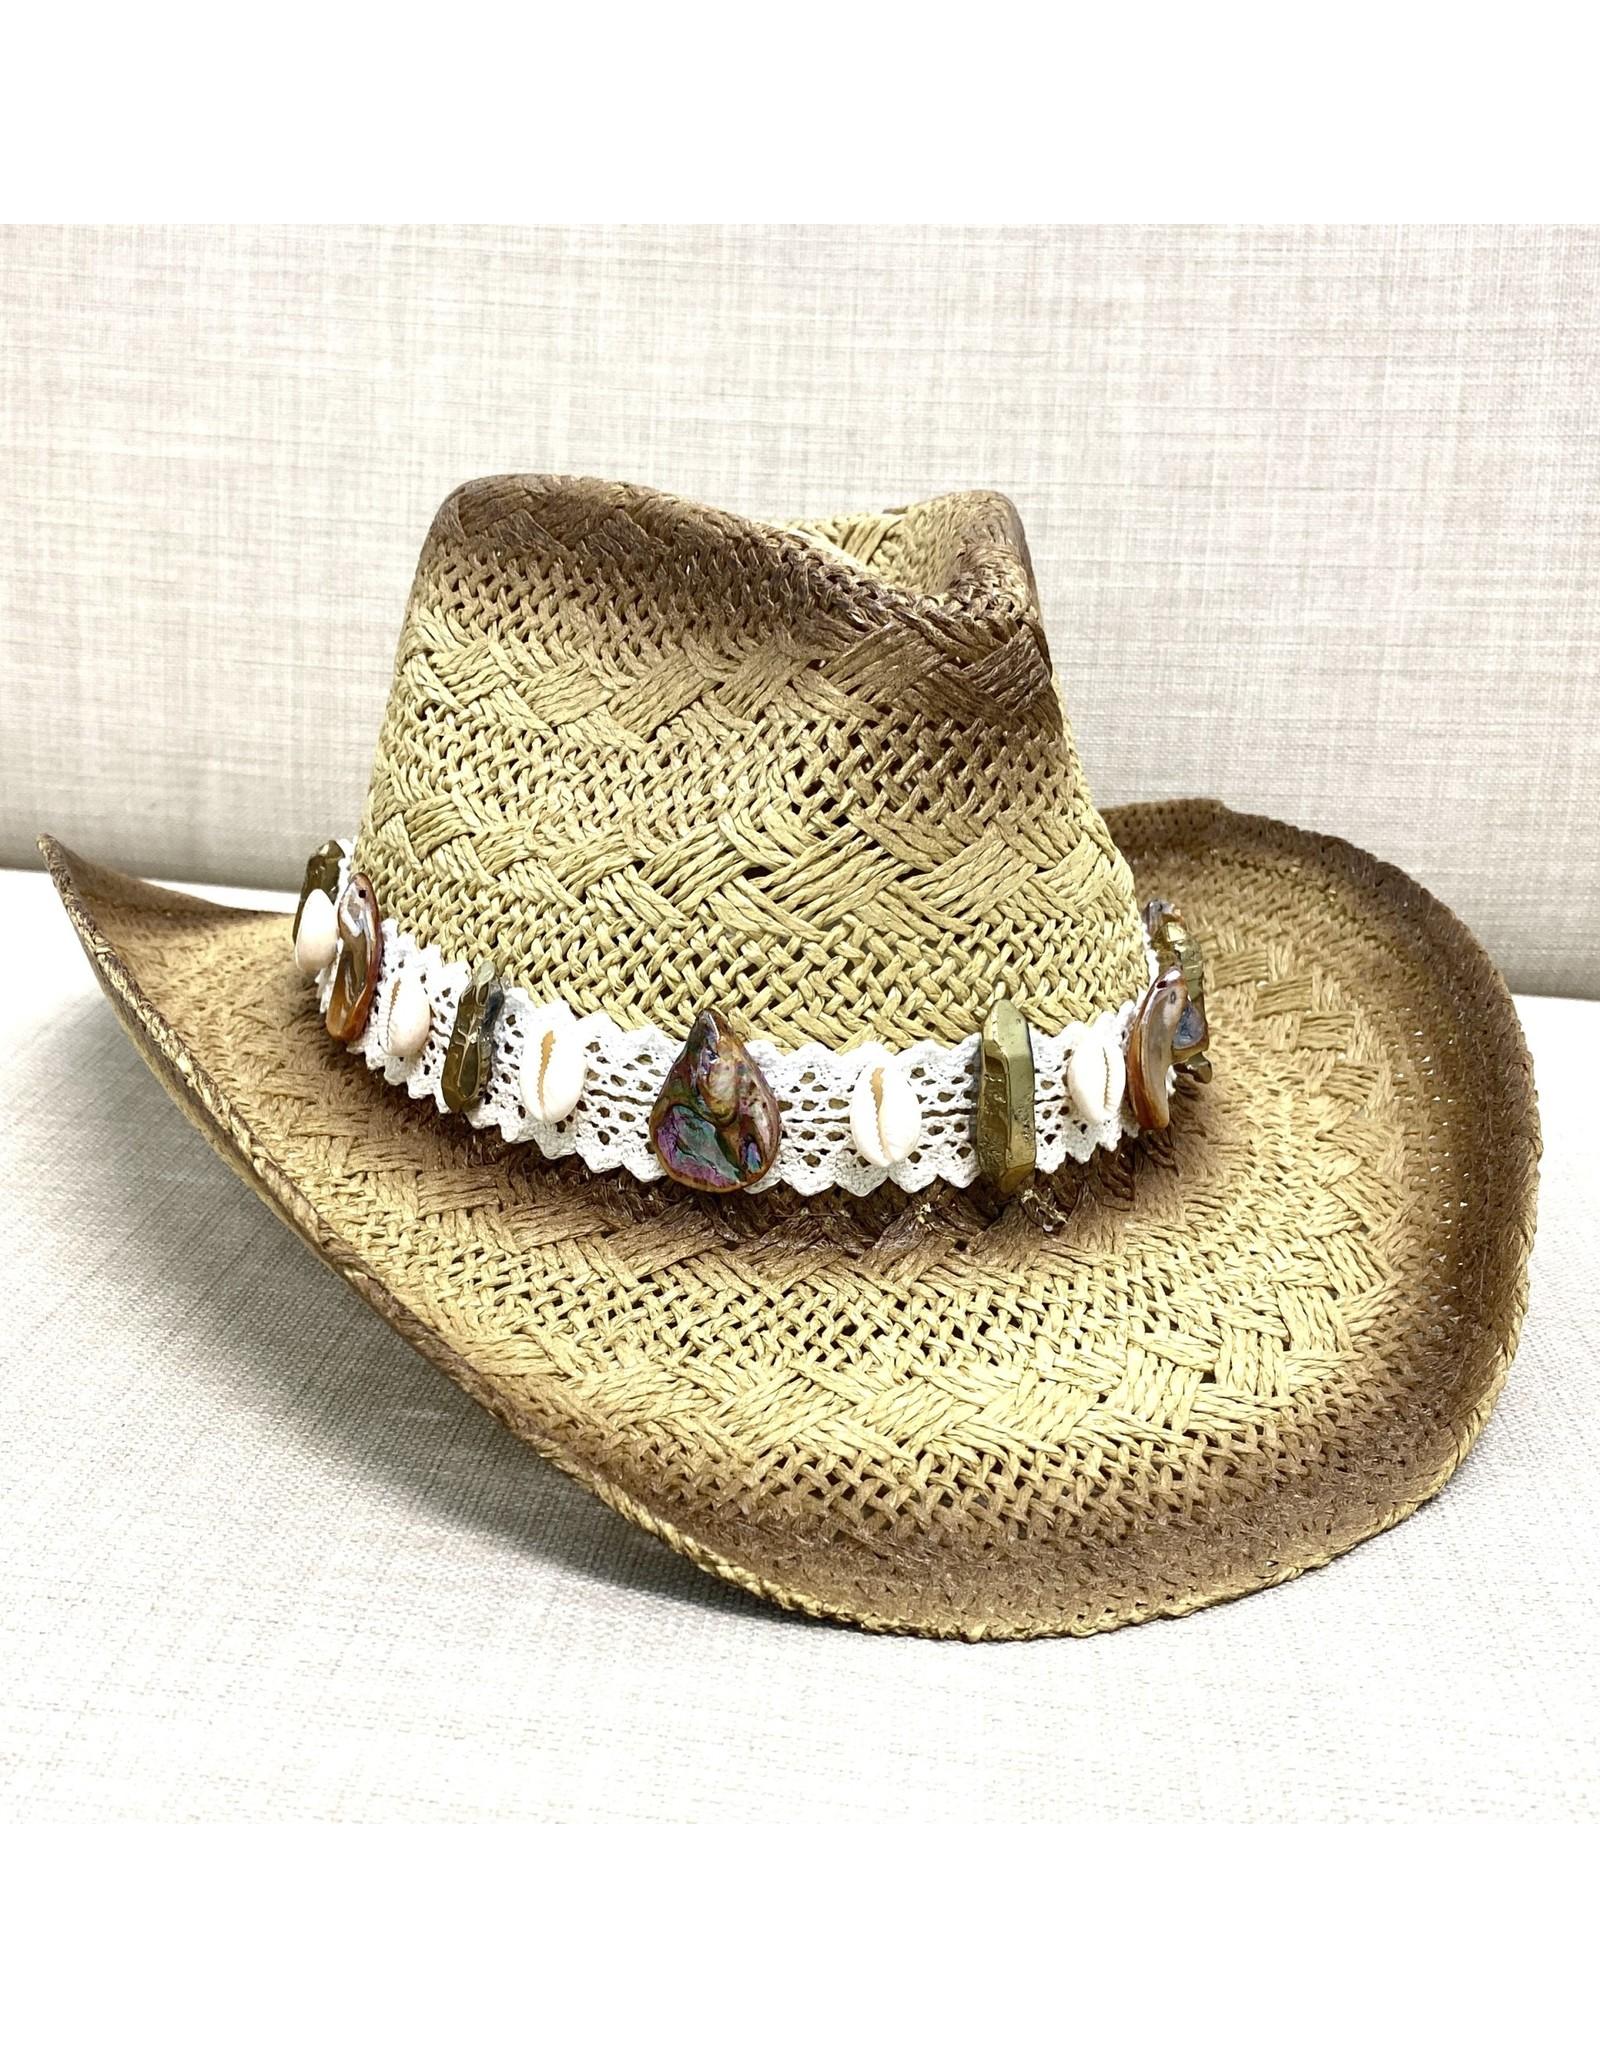 My Gypsy Child Cowrie & MOP Cowboy Hat